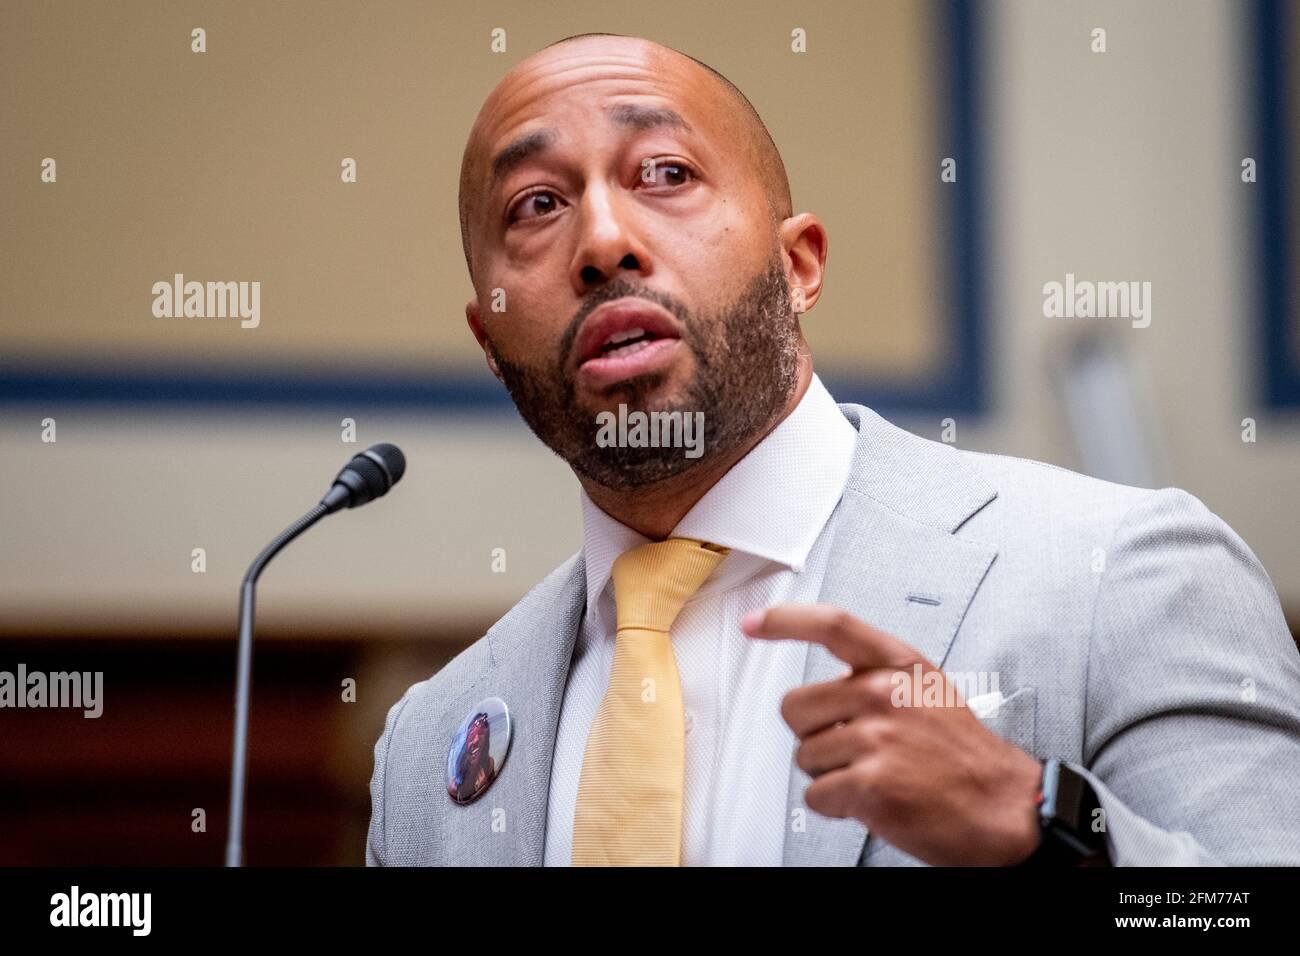 """Charles Johnson, esposo del difunto Kira Johnson y fundador de 4Kira4Moms, testifica sobre perder a su esposa durante una rutina c-sección, como él aparece para un Comité de la Cámara de Supervisión y Reforma que oye """"birthing while Black: Examinando las Américas Crisis de Salud Materna Negra"""" en el Edificio de la Oficina de Rayburn House en Washington, DC, jueves, 6 de mayo de 2021. Crédito: Rod Lamkey/CNP /MediaPunch Foto de stock"""